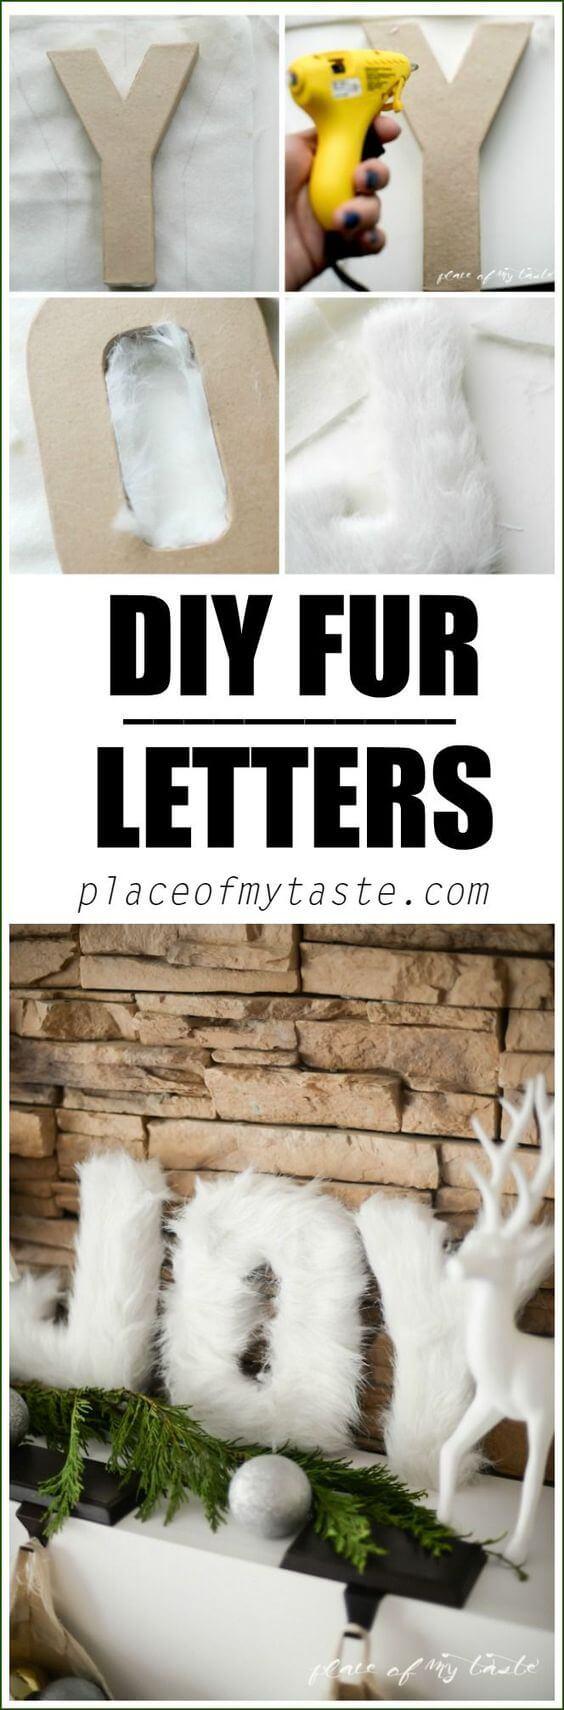 Easy Fashion-Forward Faux Fur Letters